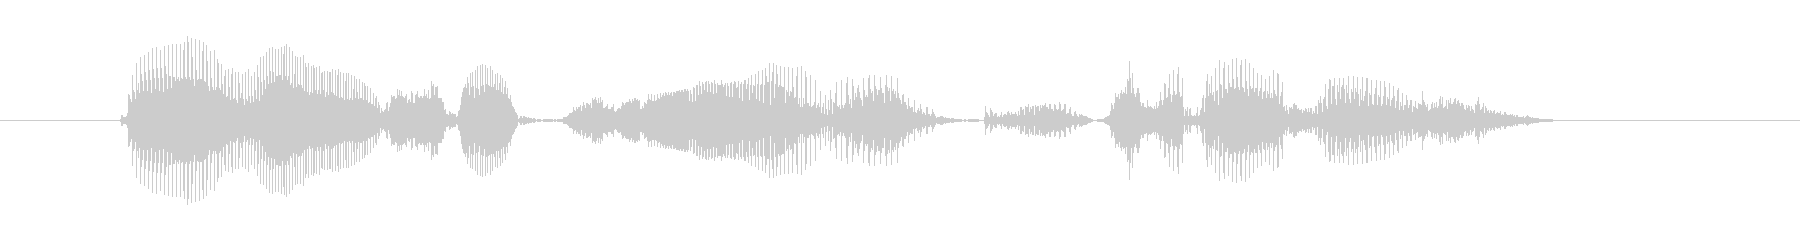 利用説明はこちらですの未再生の波形